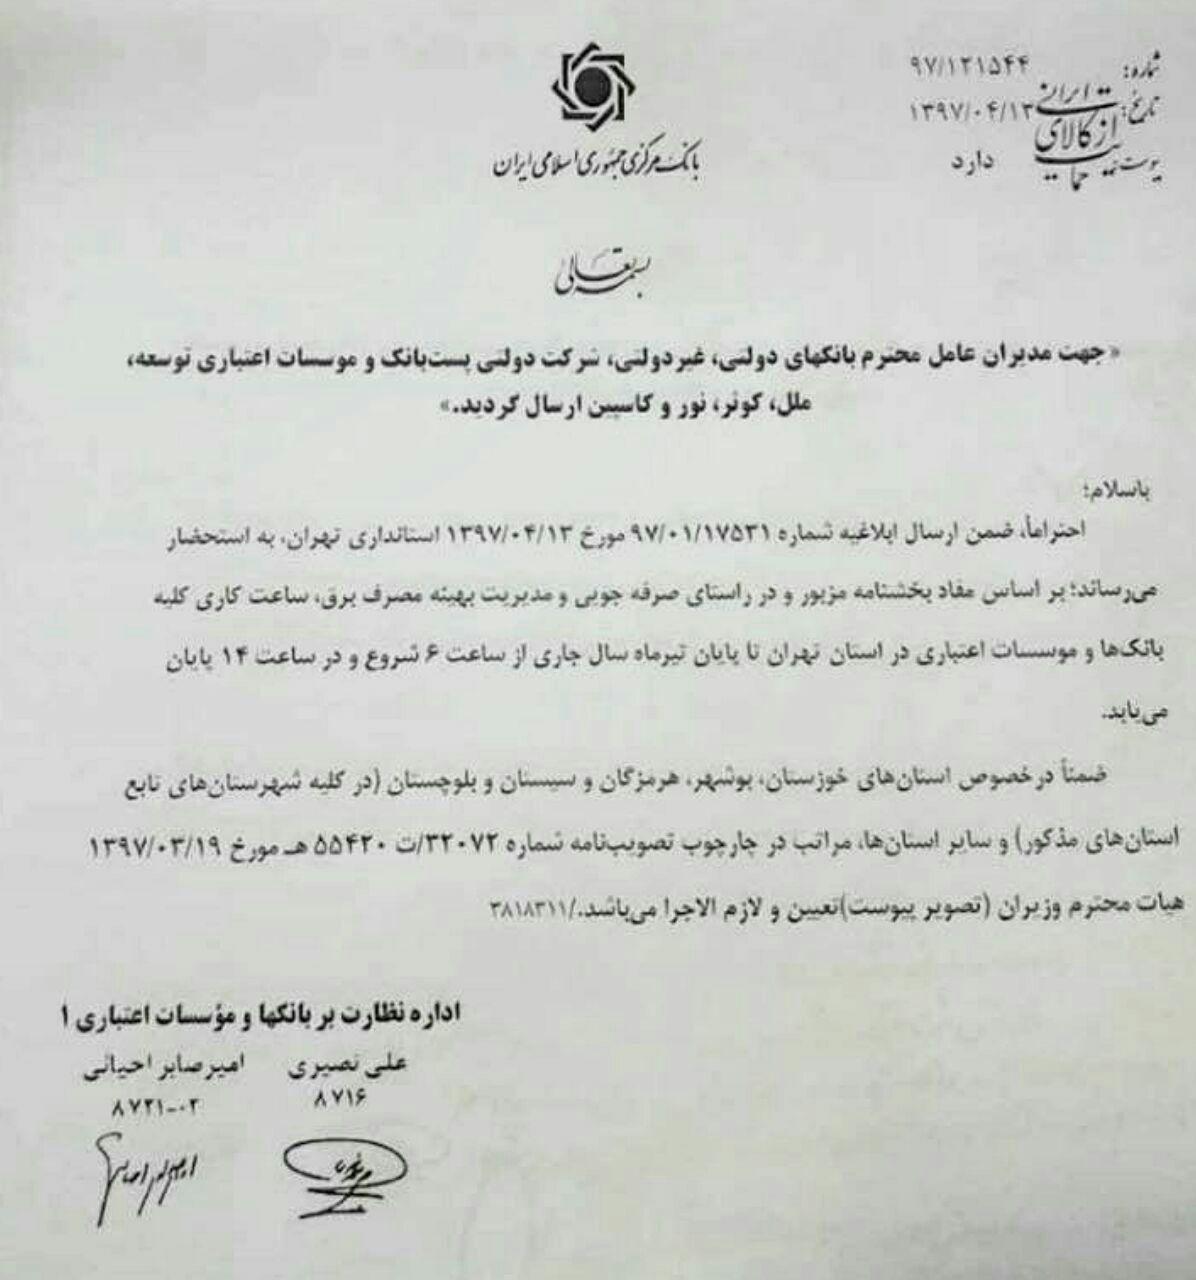 ساعت کاری بانکها هم در تهران تغییر کرد +جزئیات